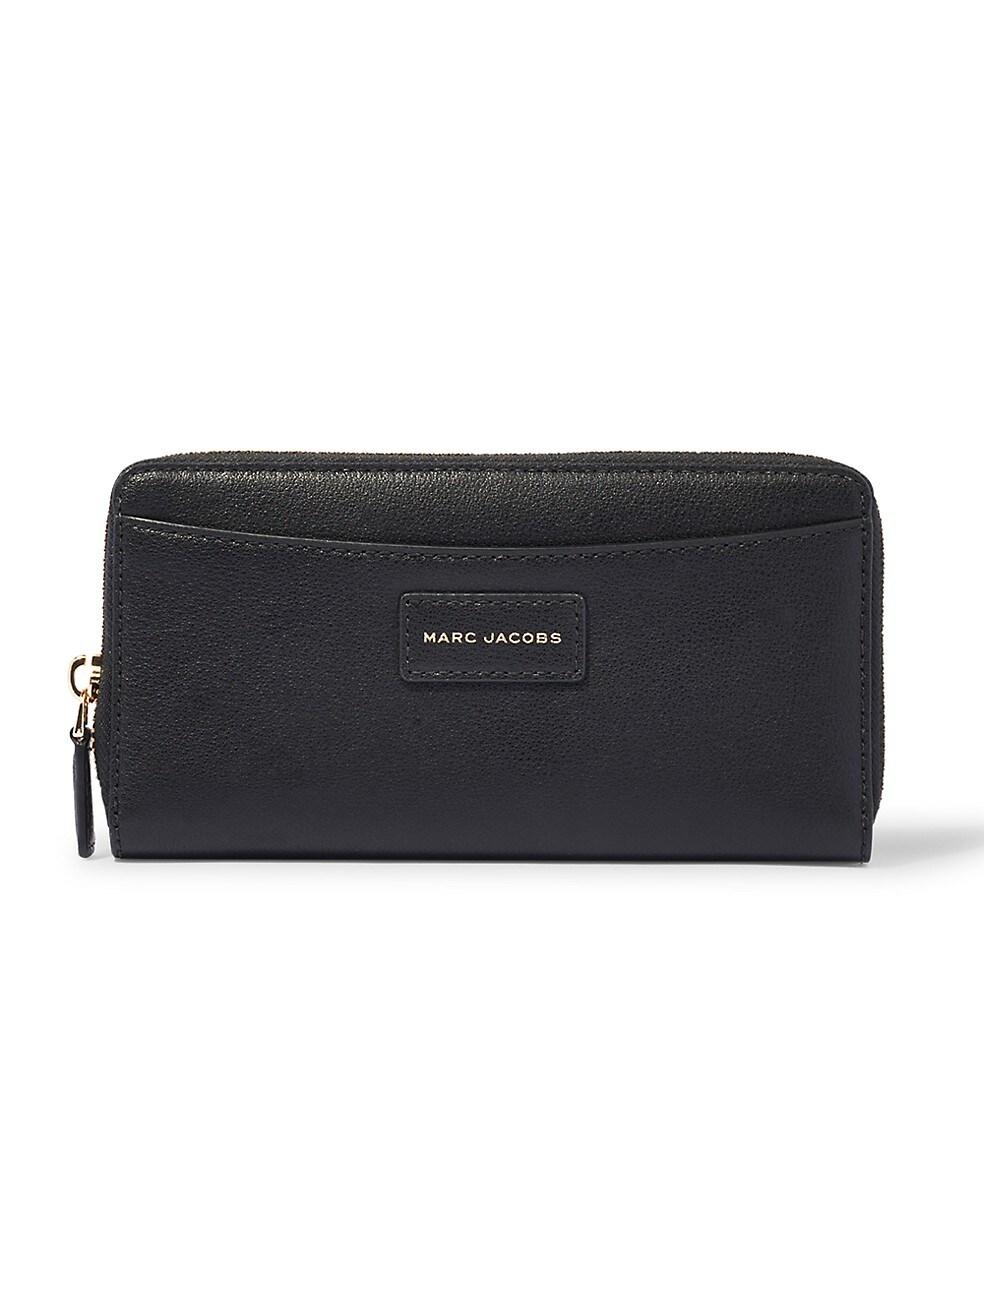 마크 제이콥스 지갑 Marc Jacobs Vertical Zippy Leather Wallet,BLACK